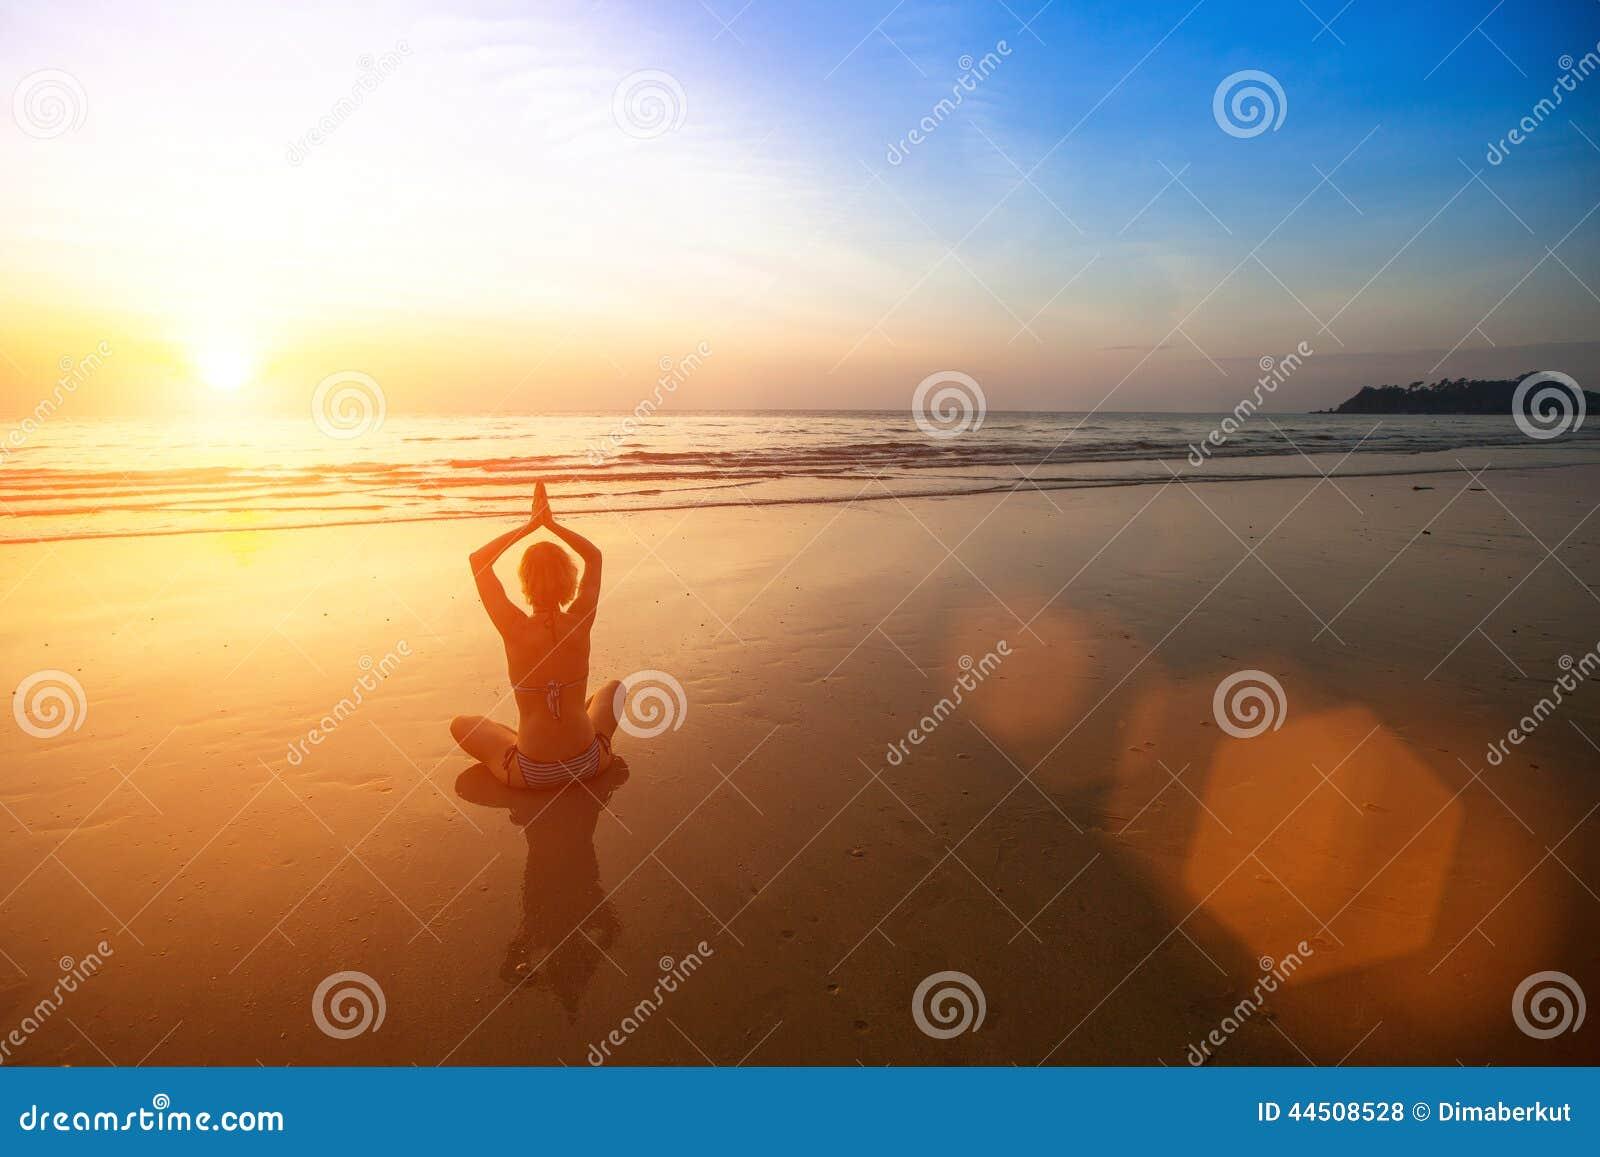 Yoga practicante de la mujer en la playa del mar durante puesta del sol maravillosa